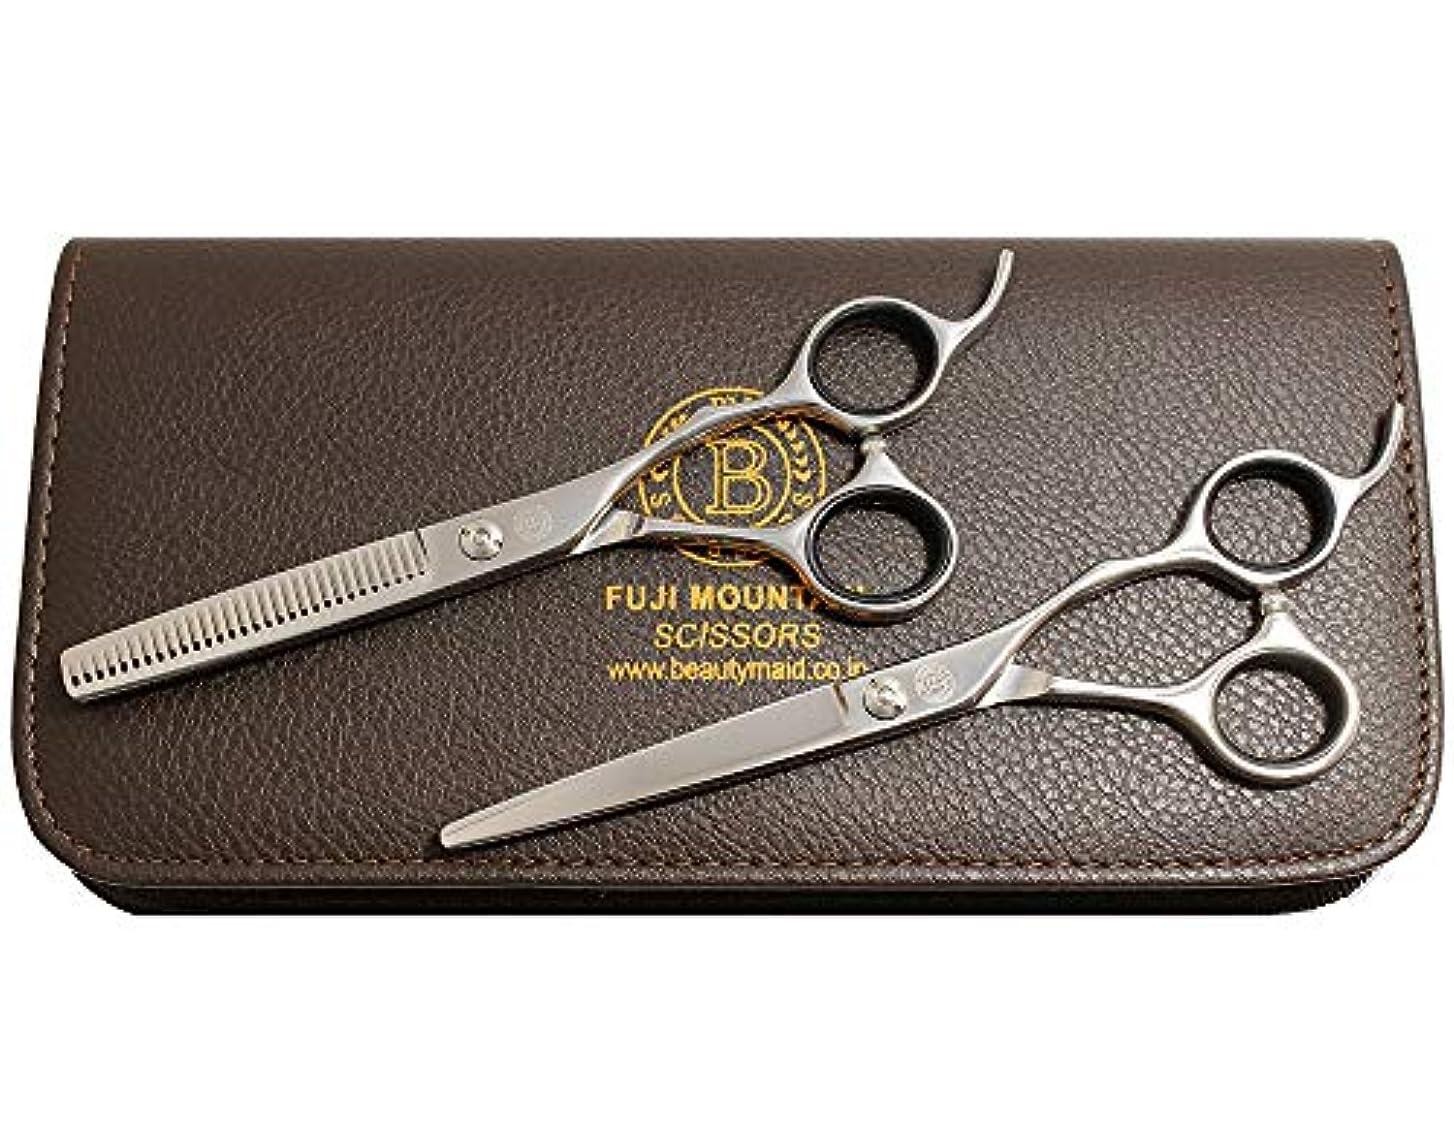 重要な役割を果たす、中心的な手段となるヒゲ財産富士山 シザー カットシザー セニングシザー 2丁セット プロ仕様 美容 ハサミ セニング スキバサミ 散髪 はさみ CR-60